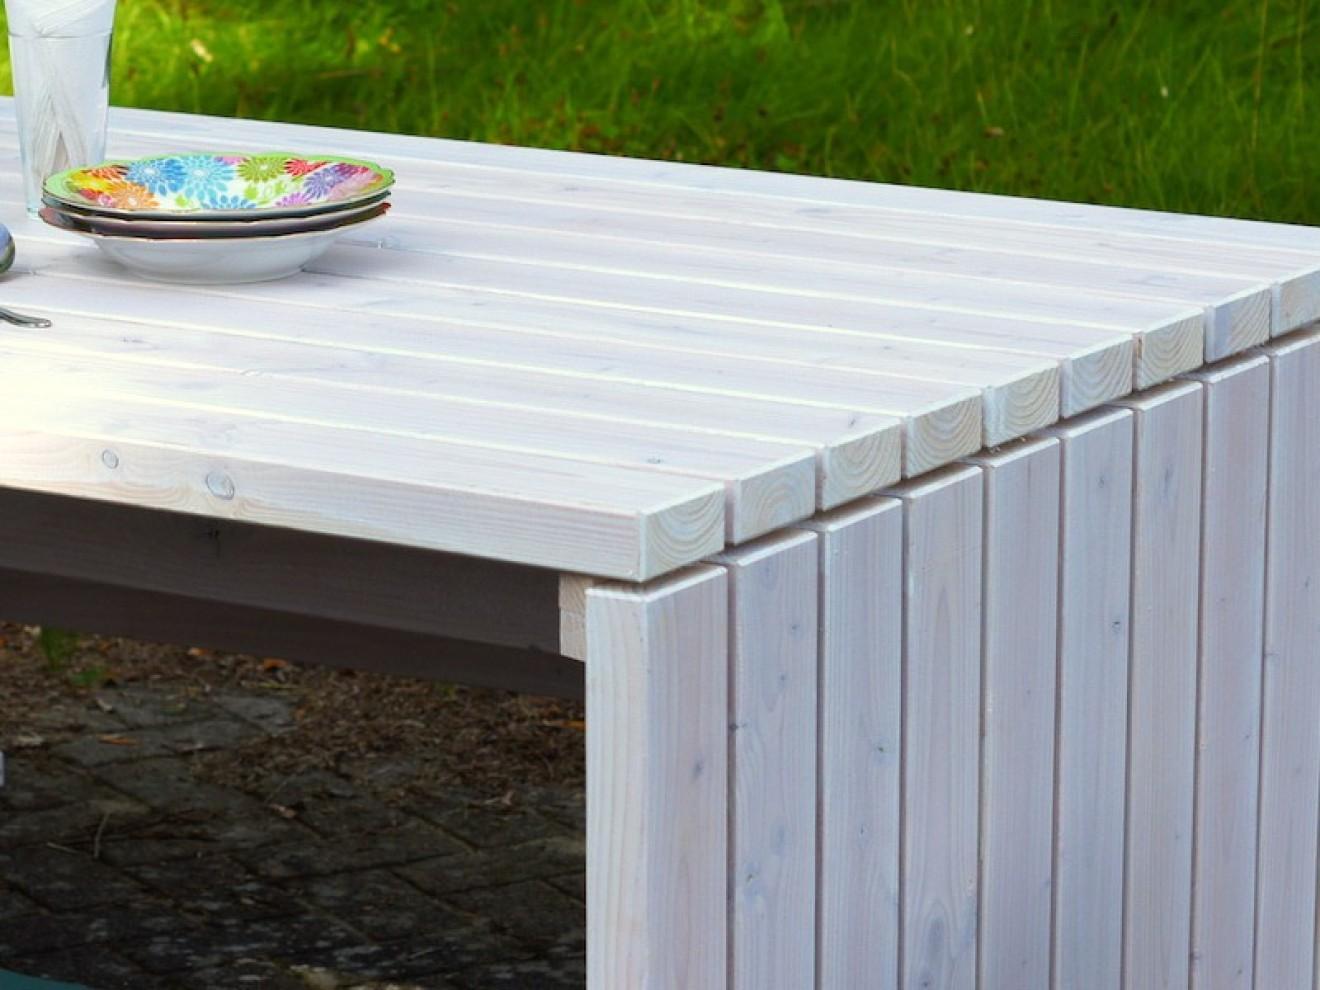 Stehtisch - Zeitlose Gartenmöbel aus heimischem Holz